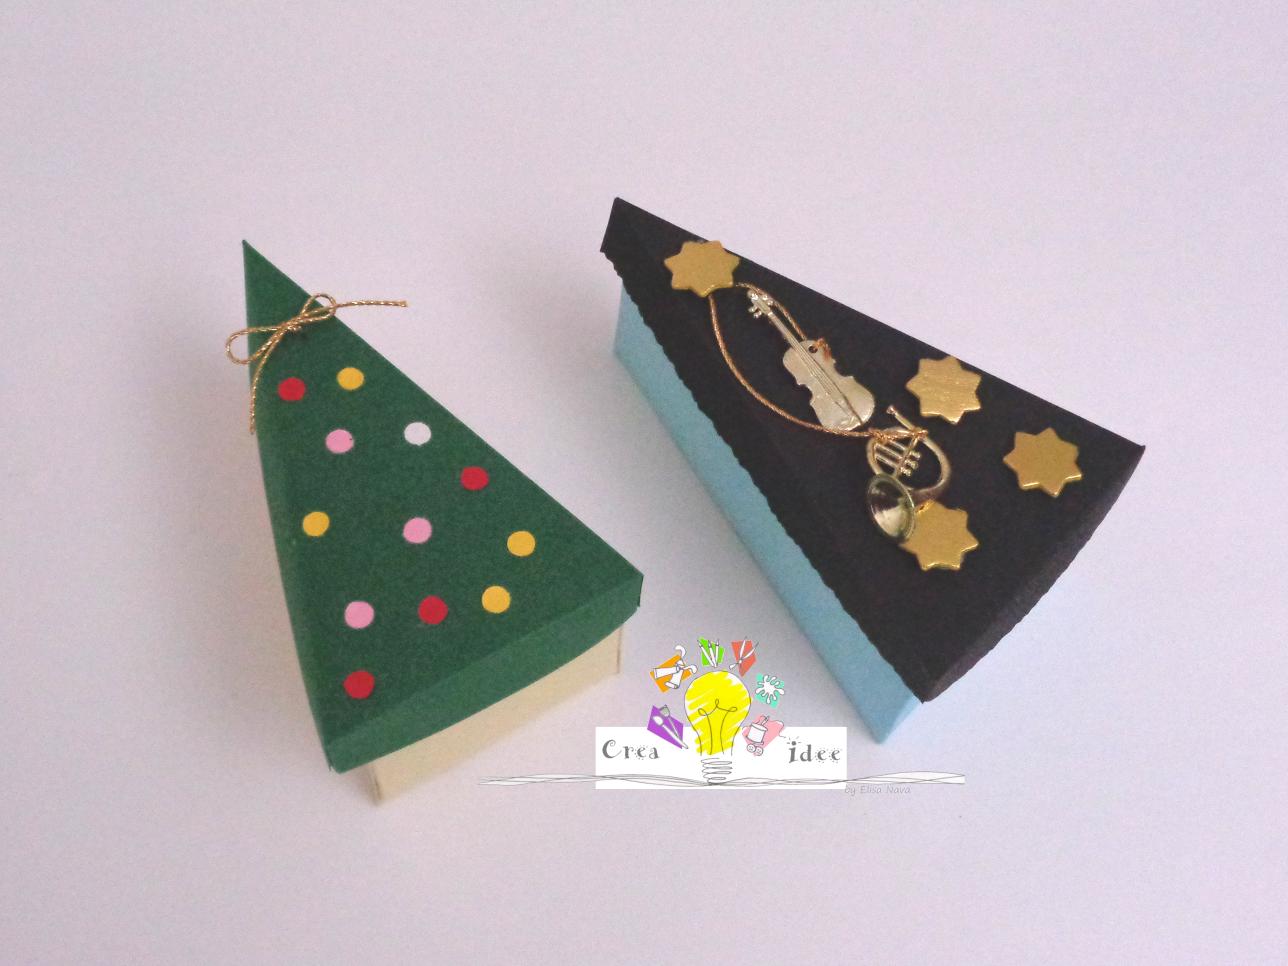 Scatole Per Regali Di Natale.Scatoline Natalizie Come Confezionare I Regali Di Natale Crea Idee